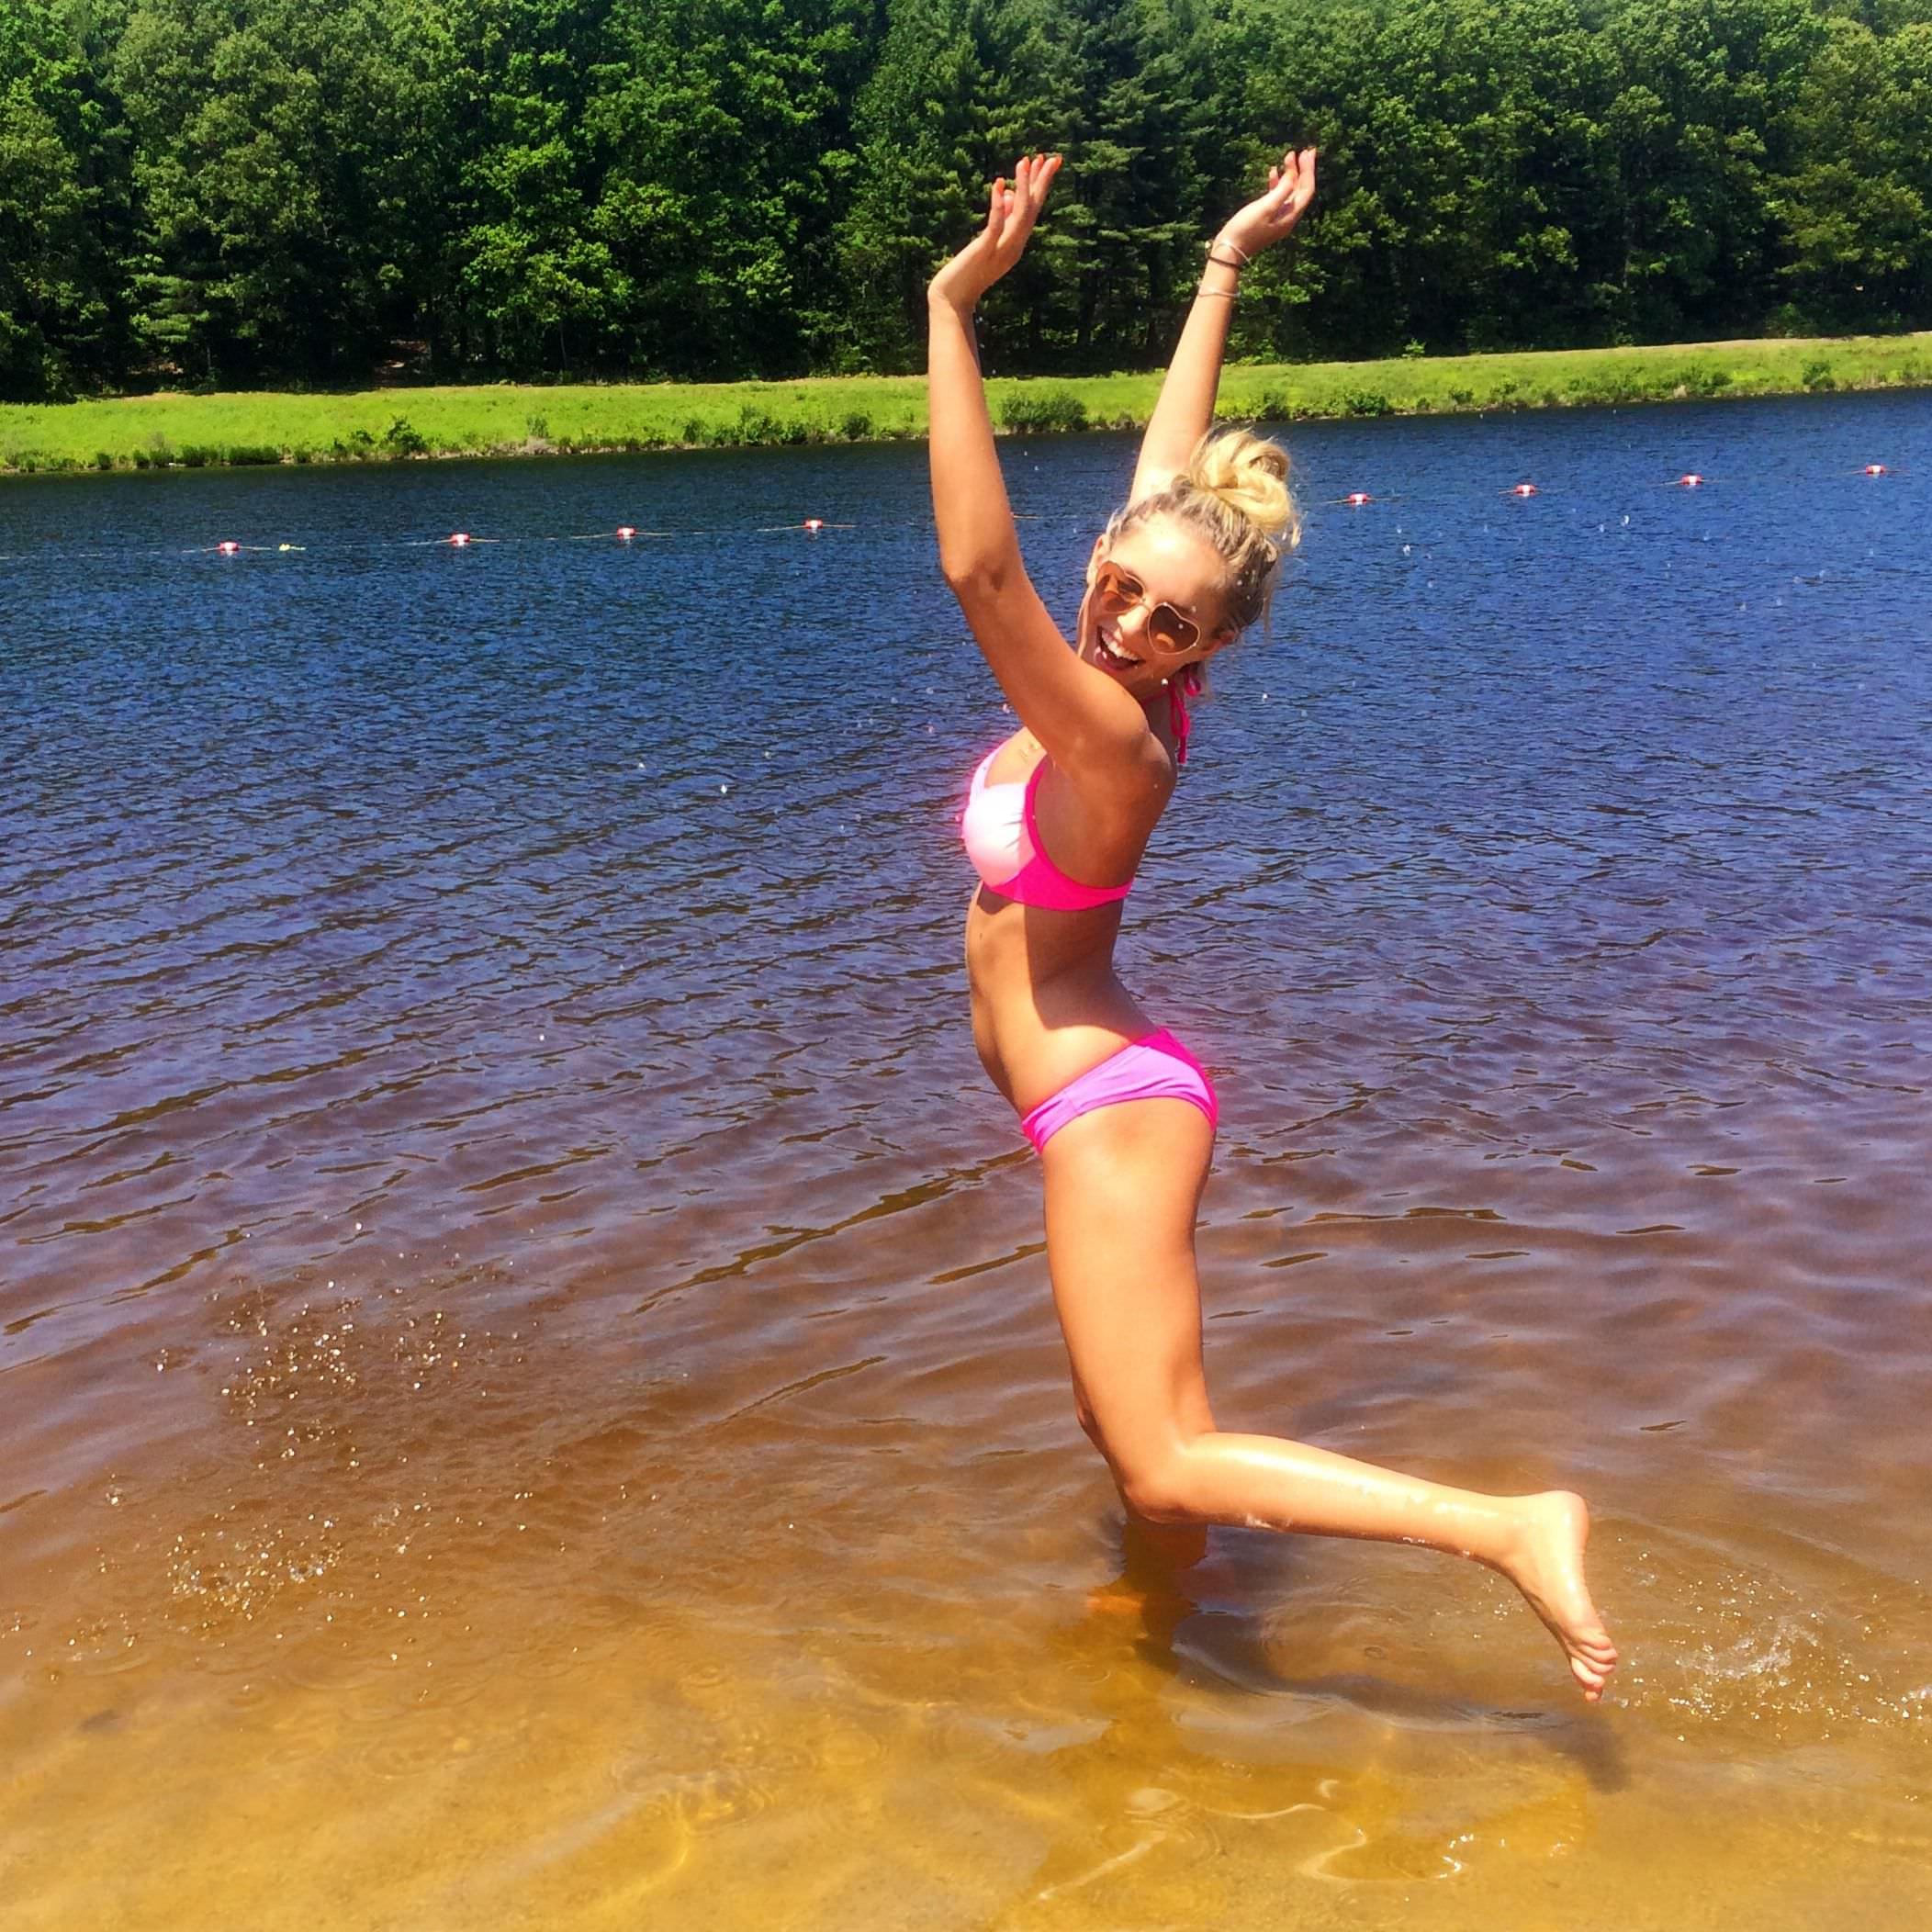 Nicole Spiller Nude Photos (mtv's Ayto) Leaked 0061